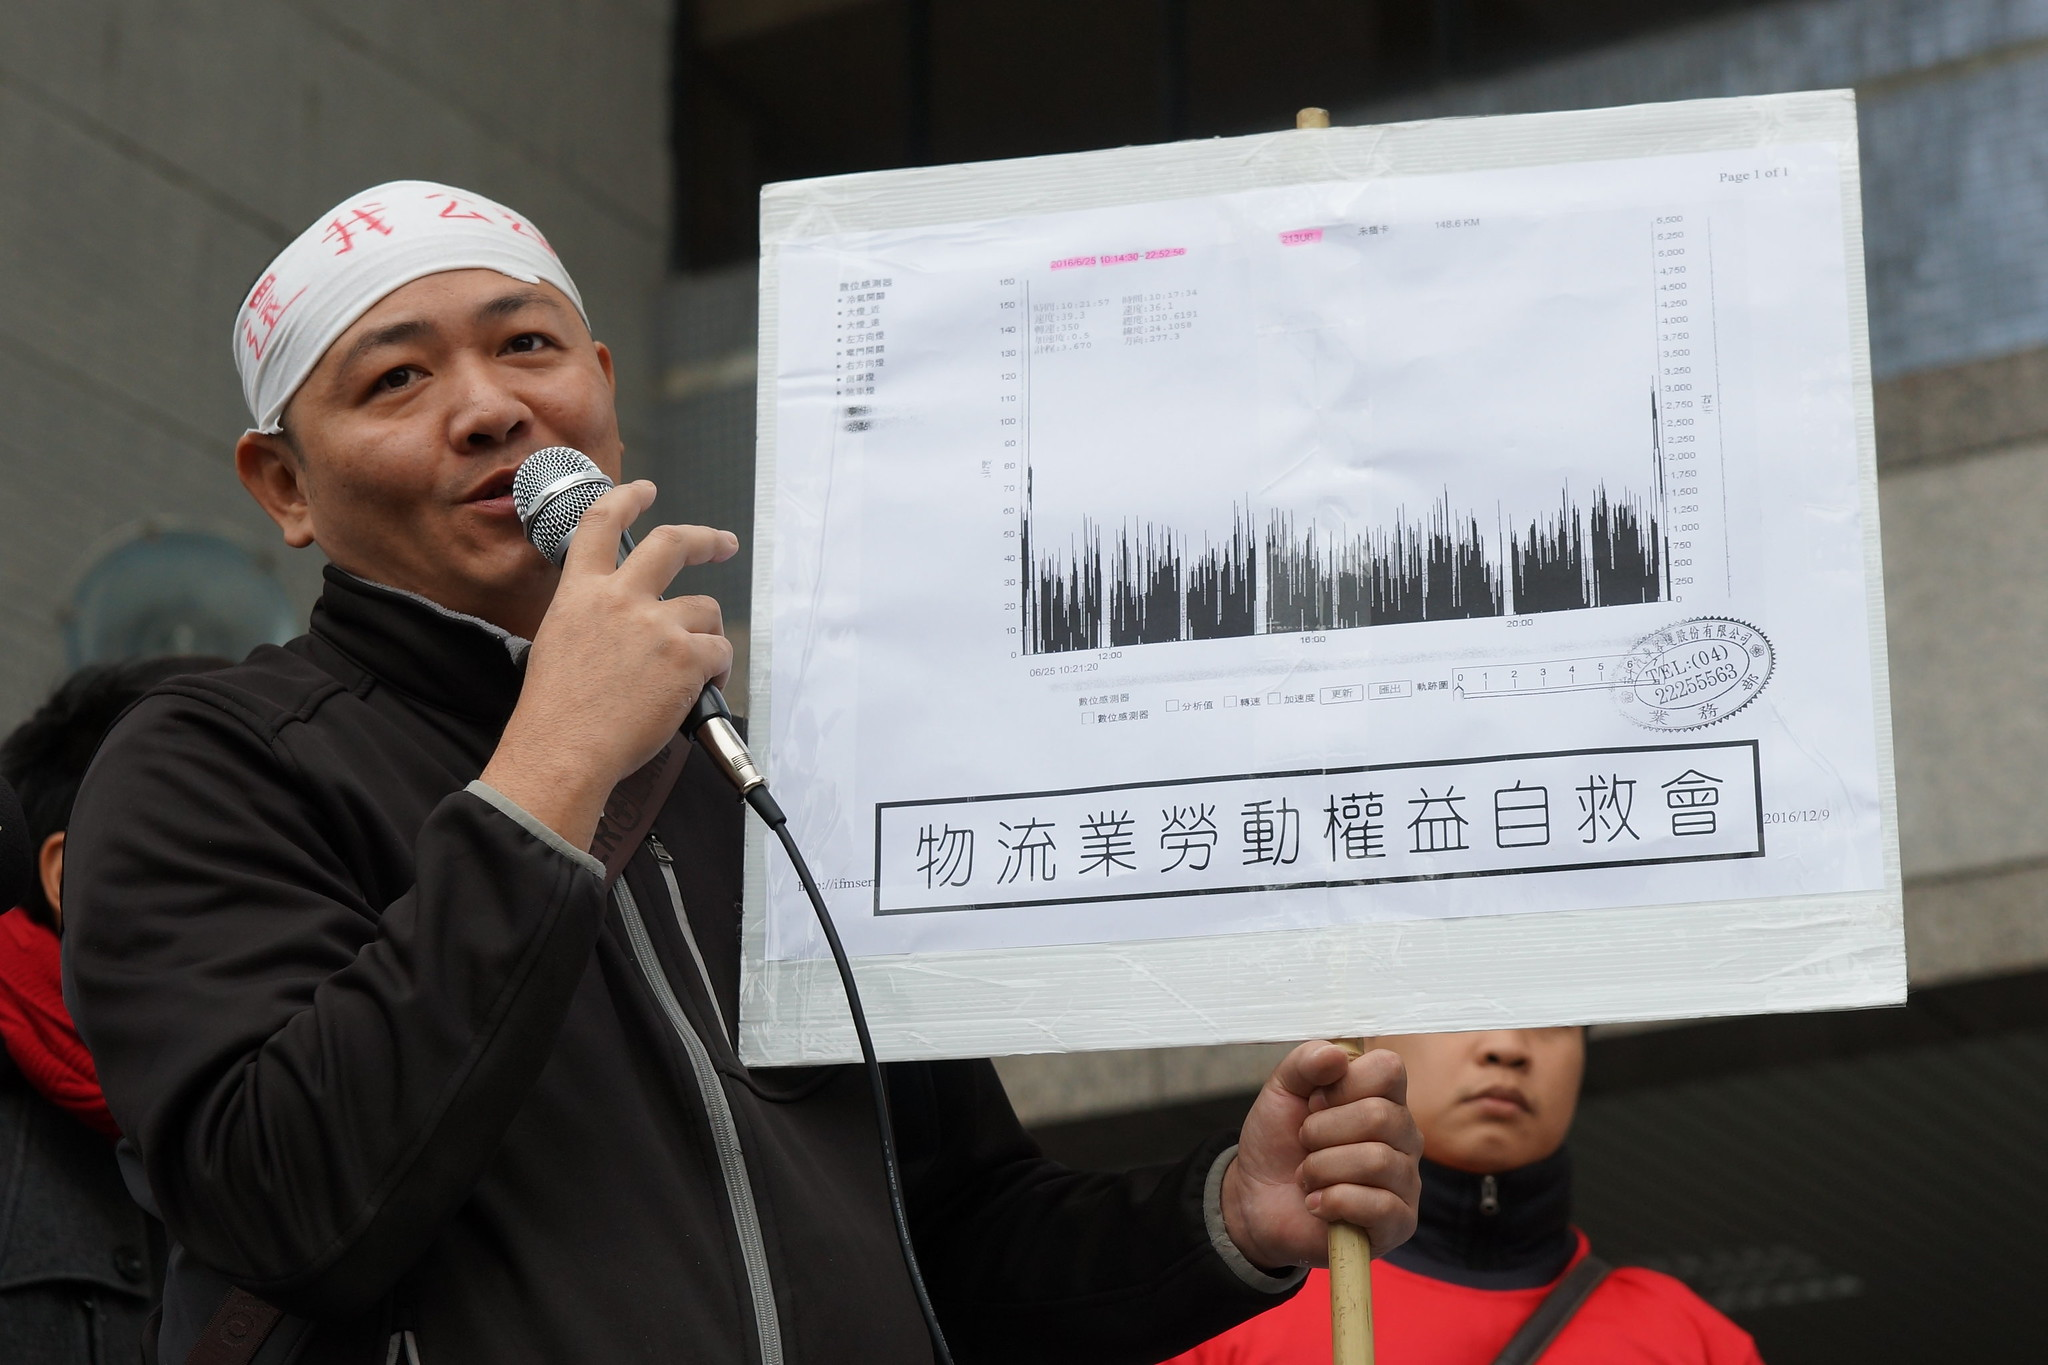 鄭志強出示鄭志明生前行車紀錄,顯示他不僅工時長,且過程幾乎無休息時間。(攝影:王顥中)